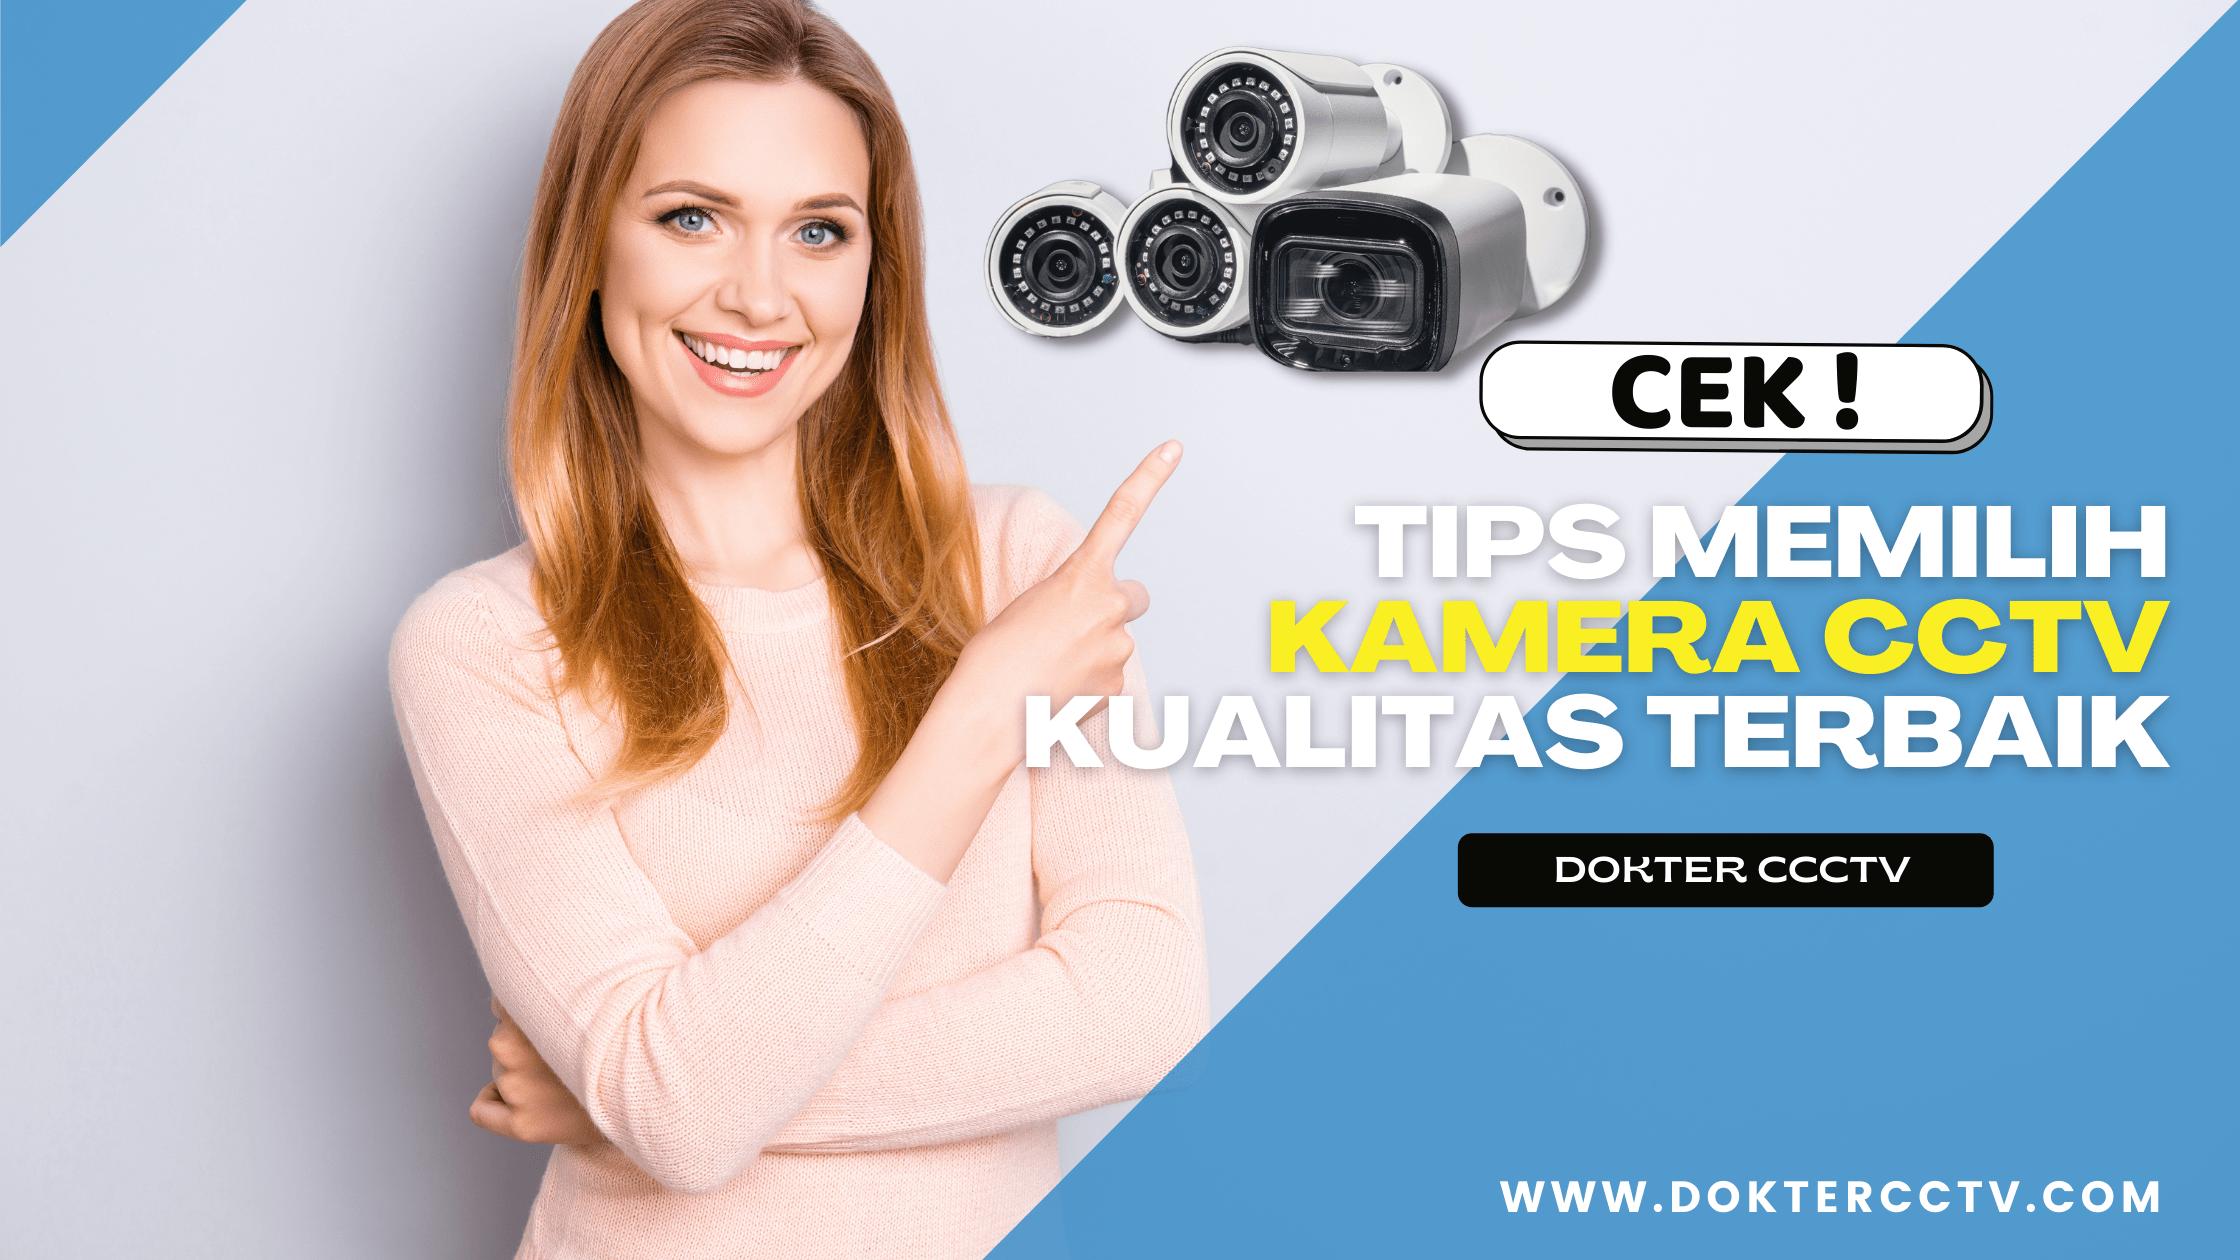 TIPS Memilih Kamera CCTV Kualitas Terbaik